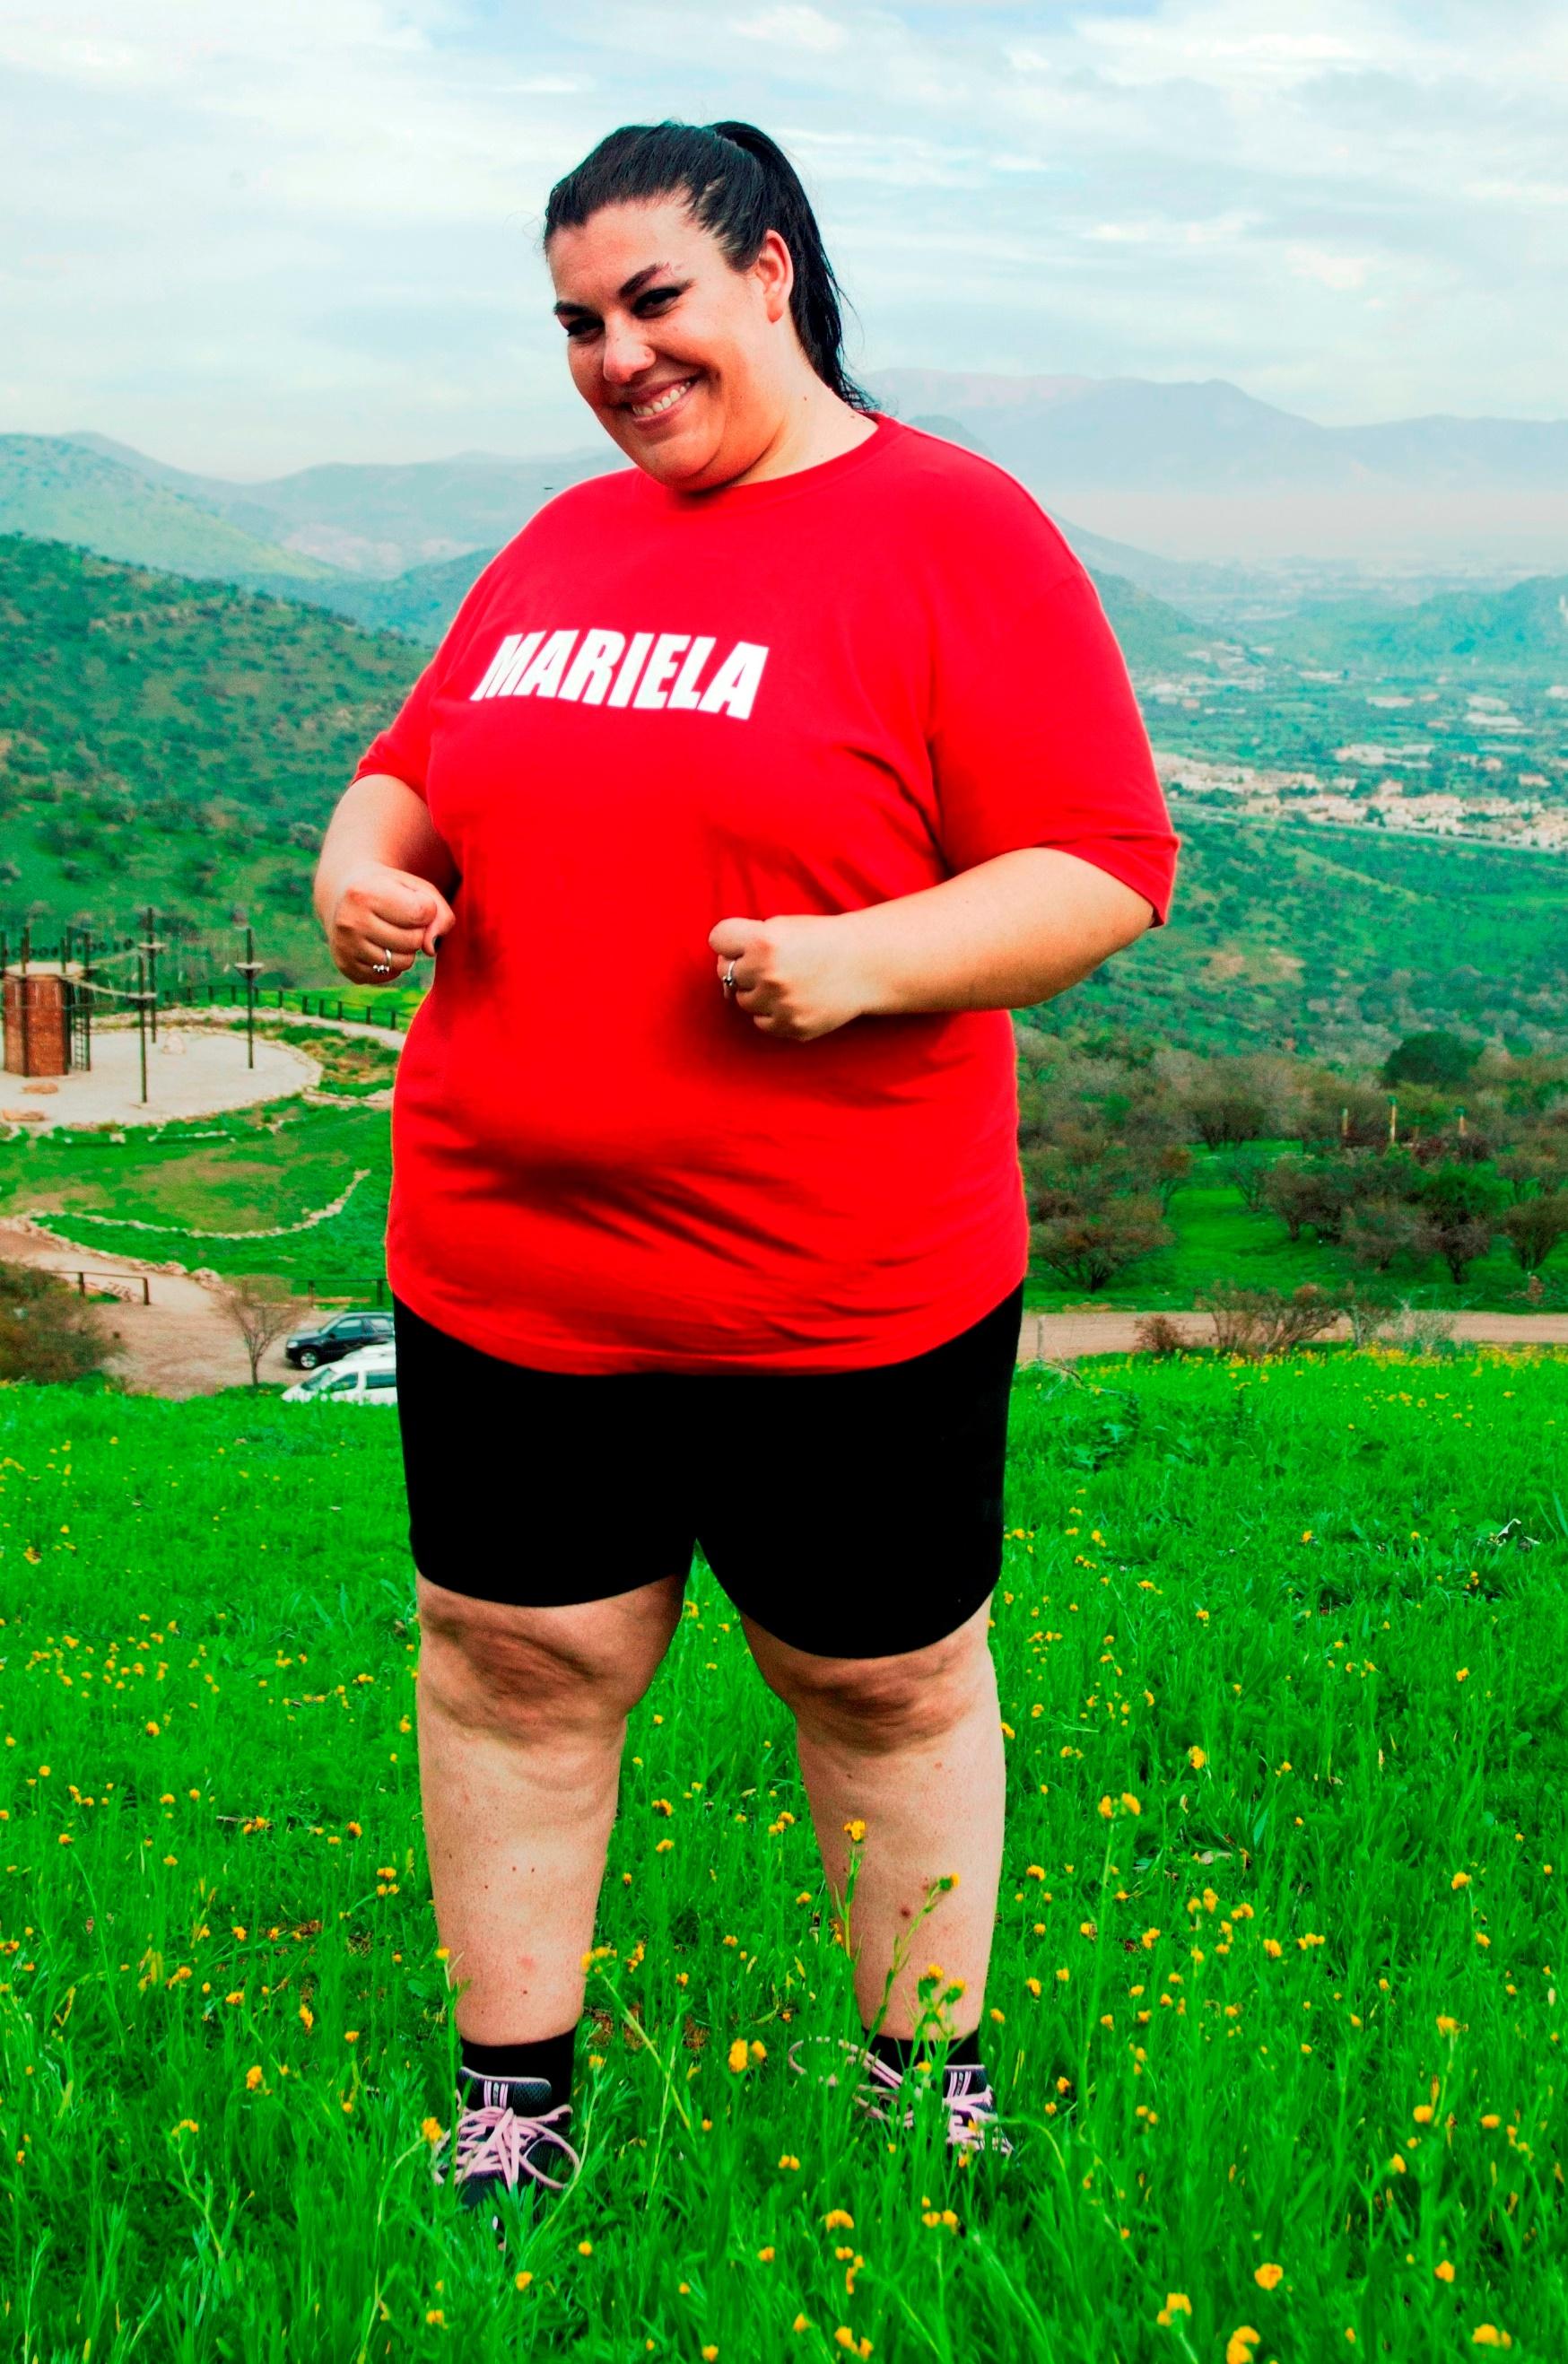 Mariela compitió en Peso Pesado